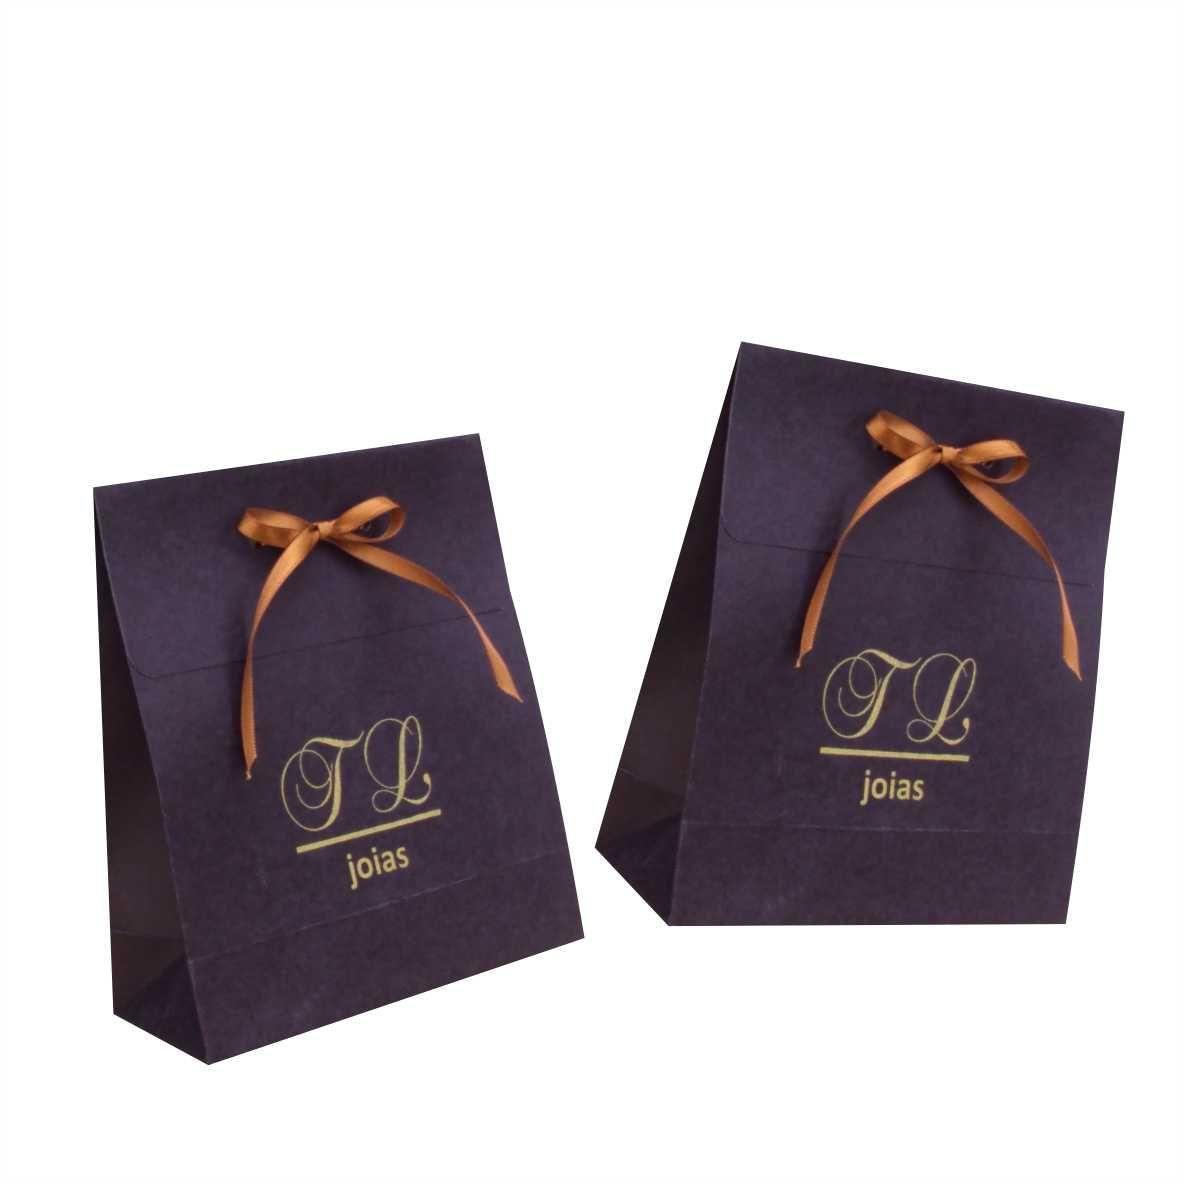 Sacola de papel  preta ou branca pequena - personalizada para bijuterias (15x17x6,5 cm) 100 unidades